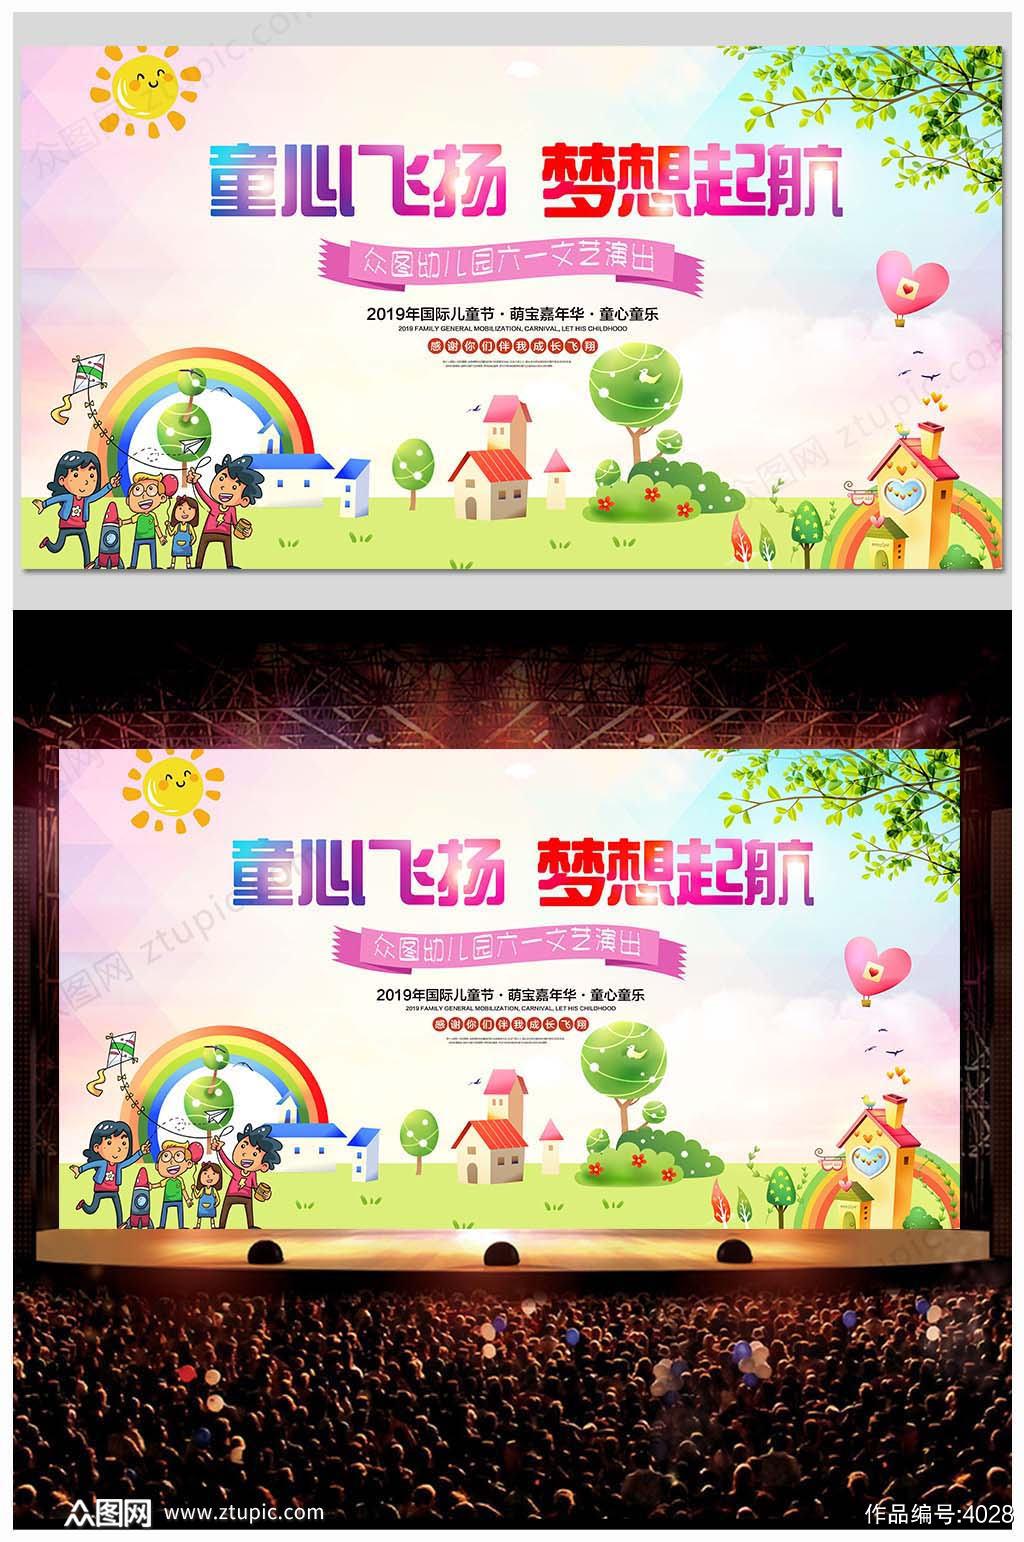 61儿童节幼儿园快乐成长六一晚会背景素材